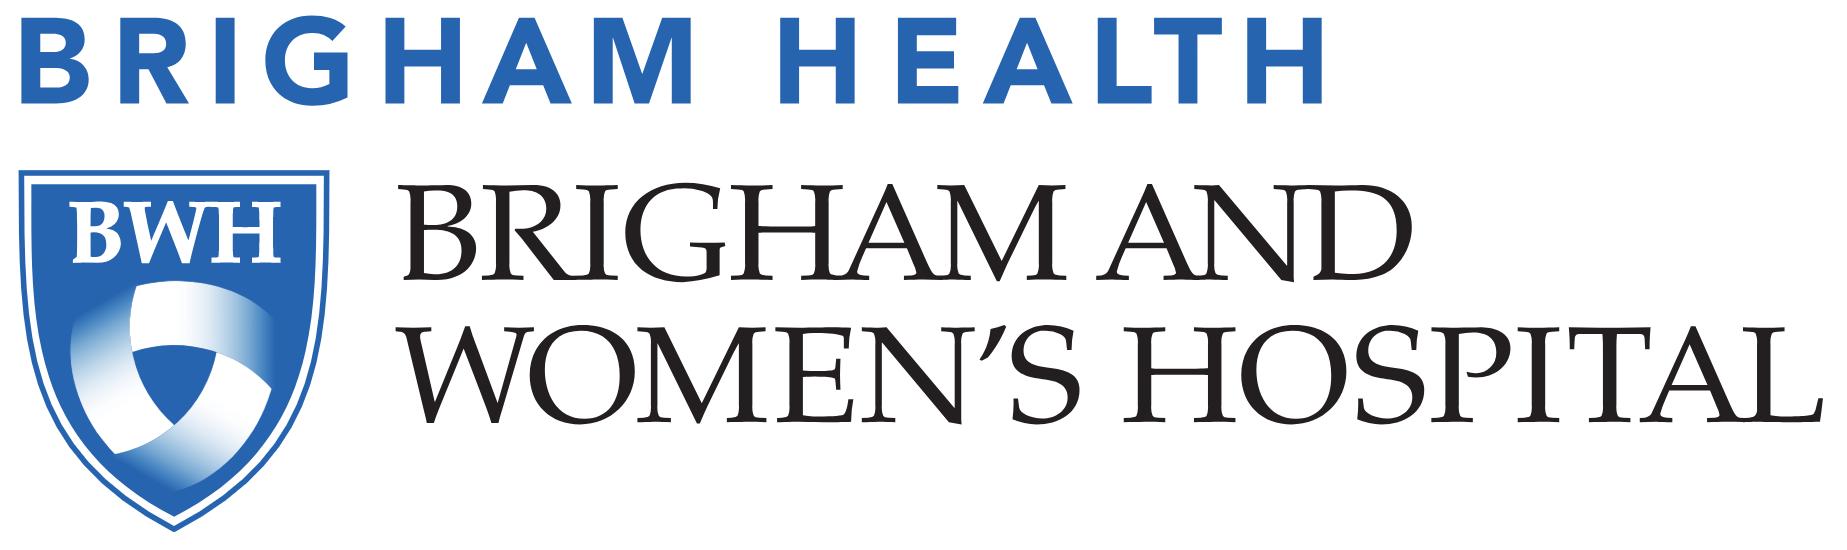 Go to Brigham & Women's Hospital website